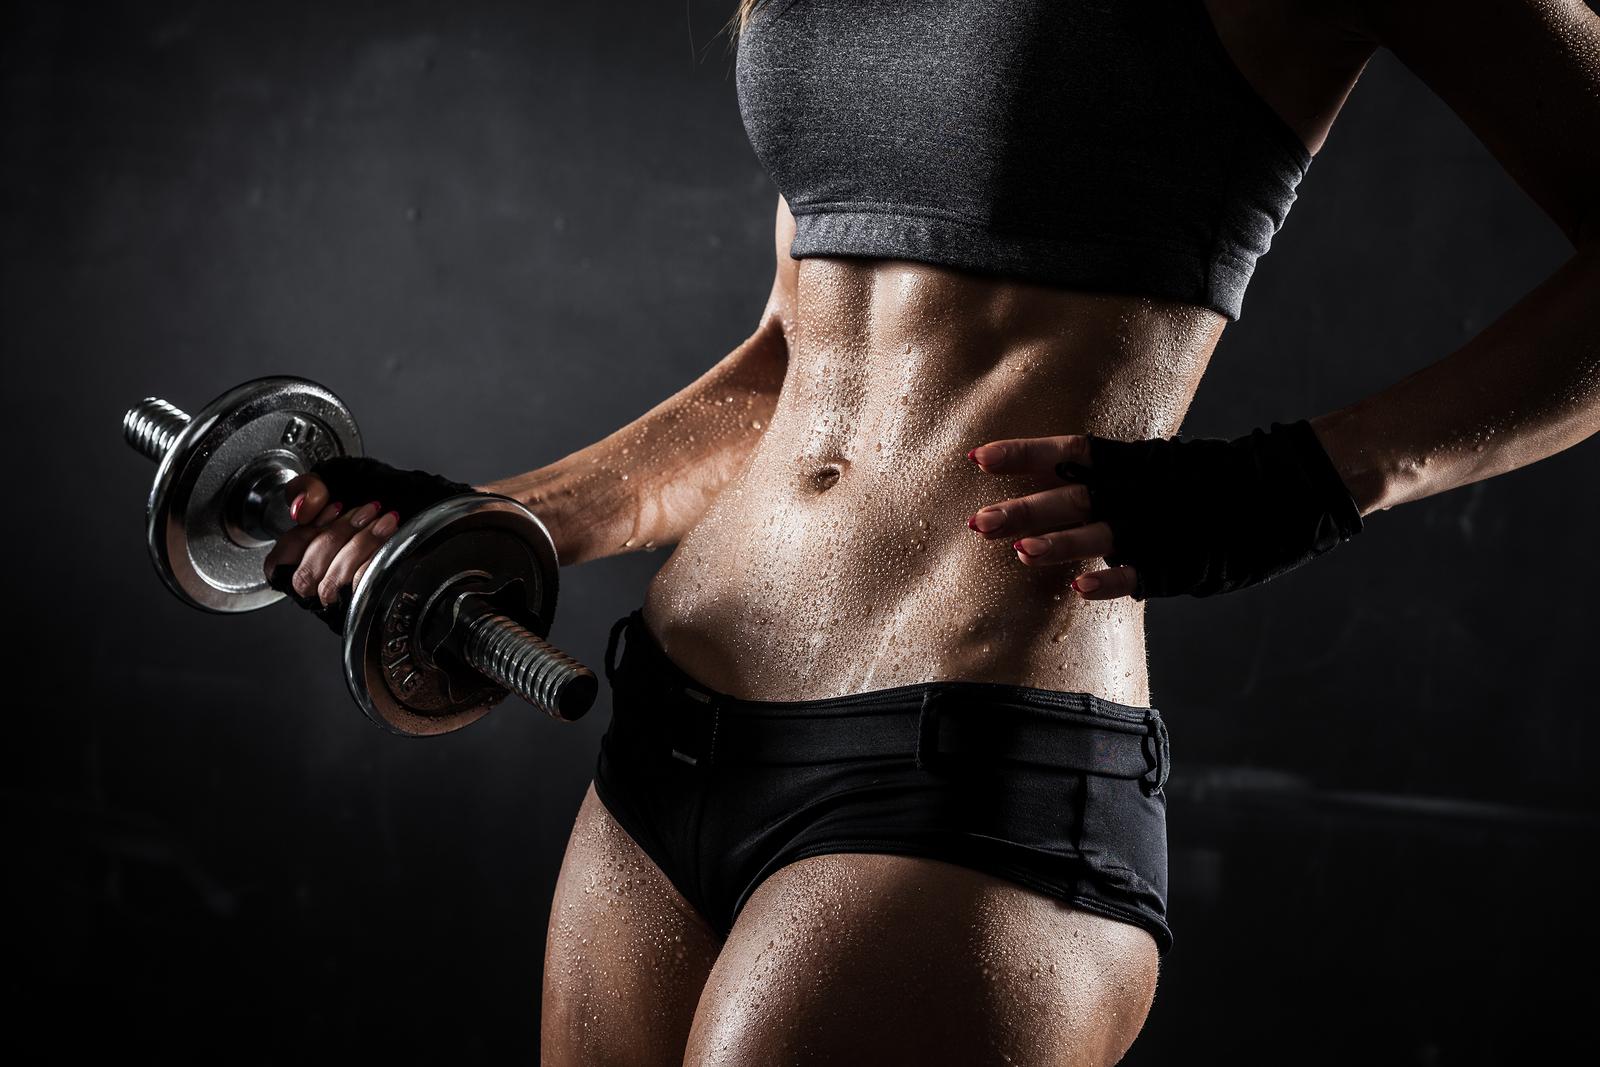 ćwiczenia na mięśnie brzucha dla dziewczyn